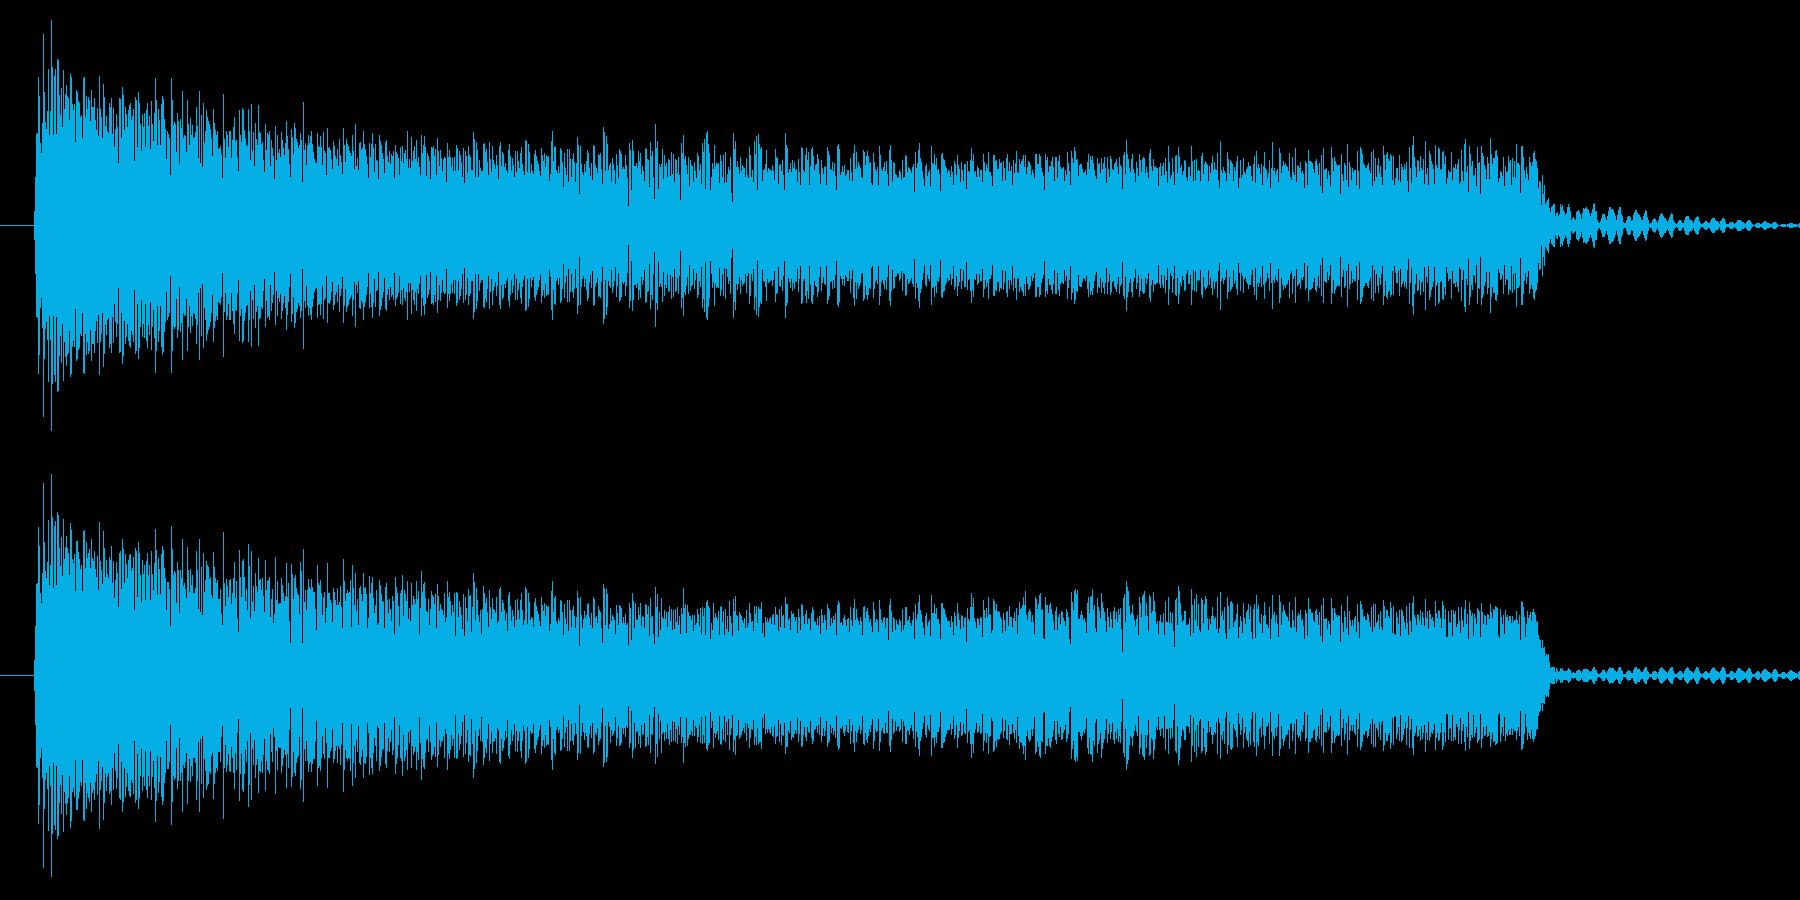 ブーッ/間違い/クイズの再生済みの波形